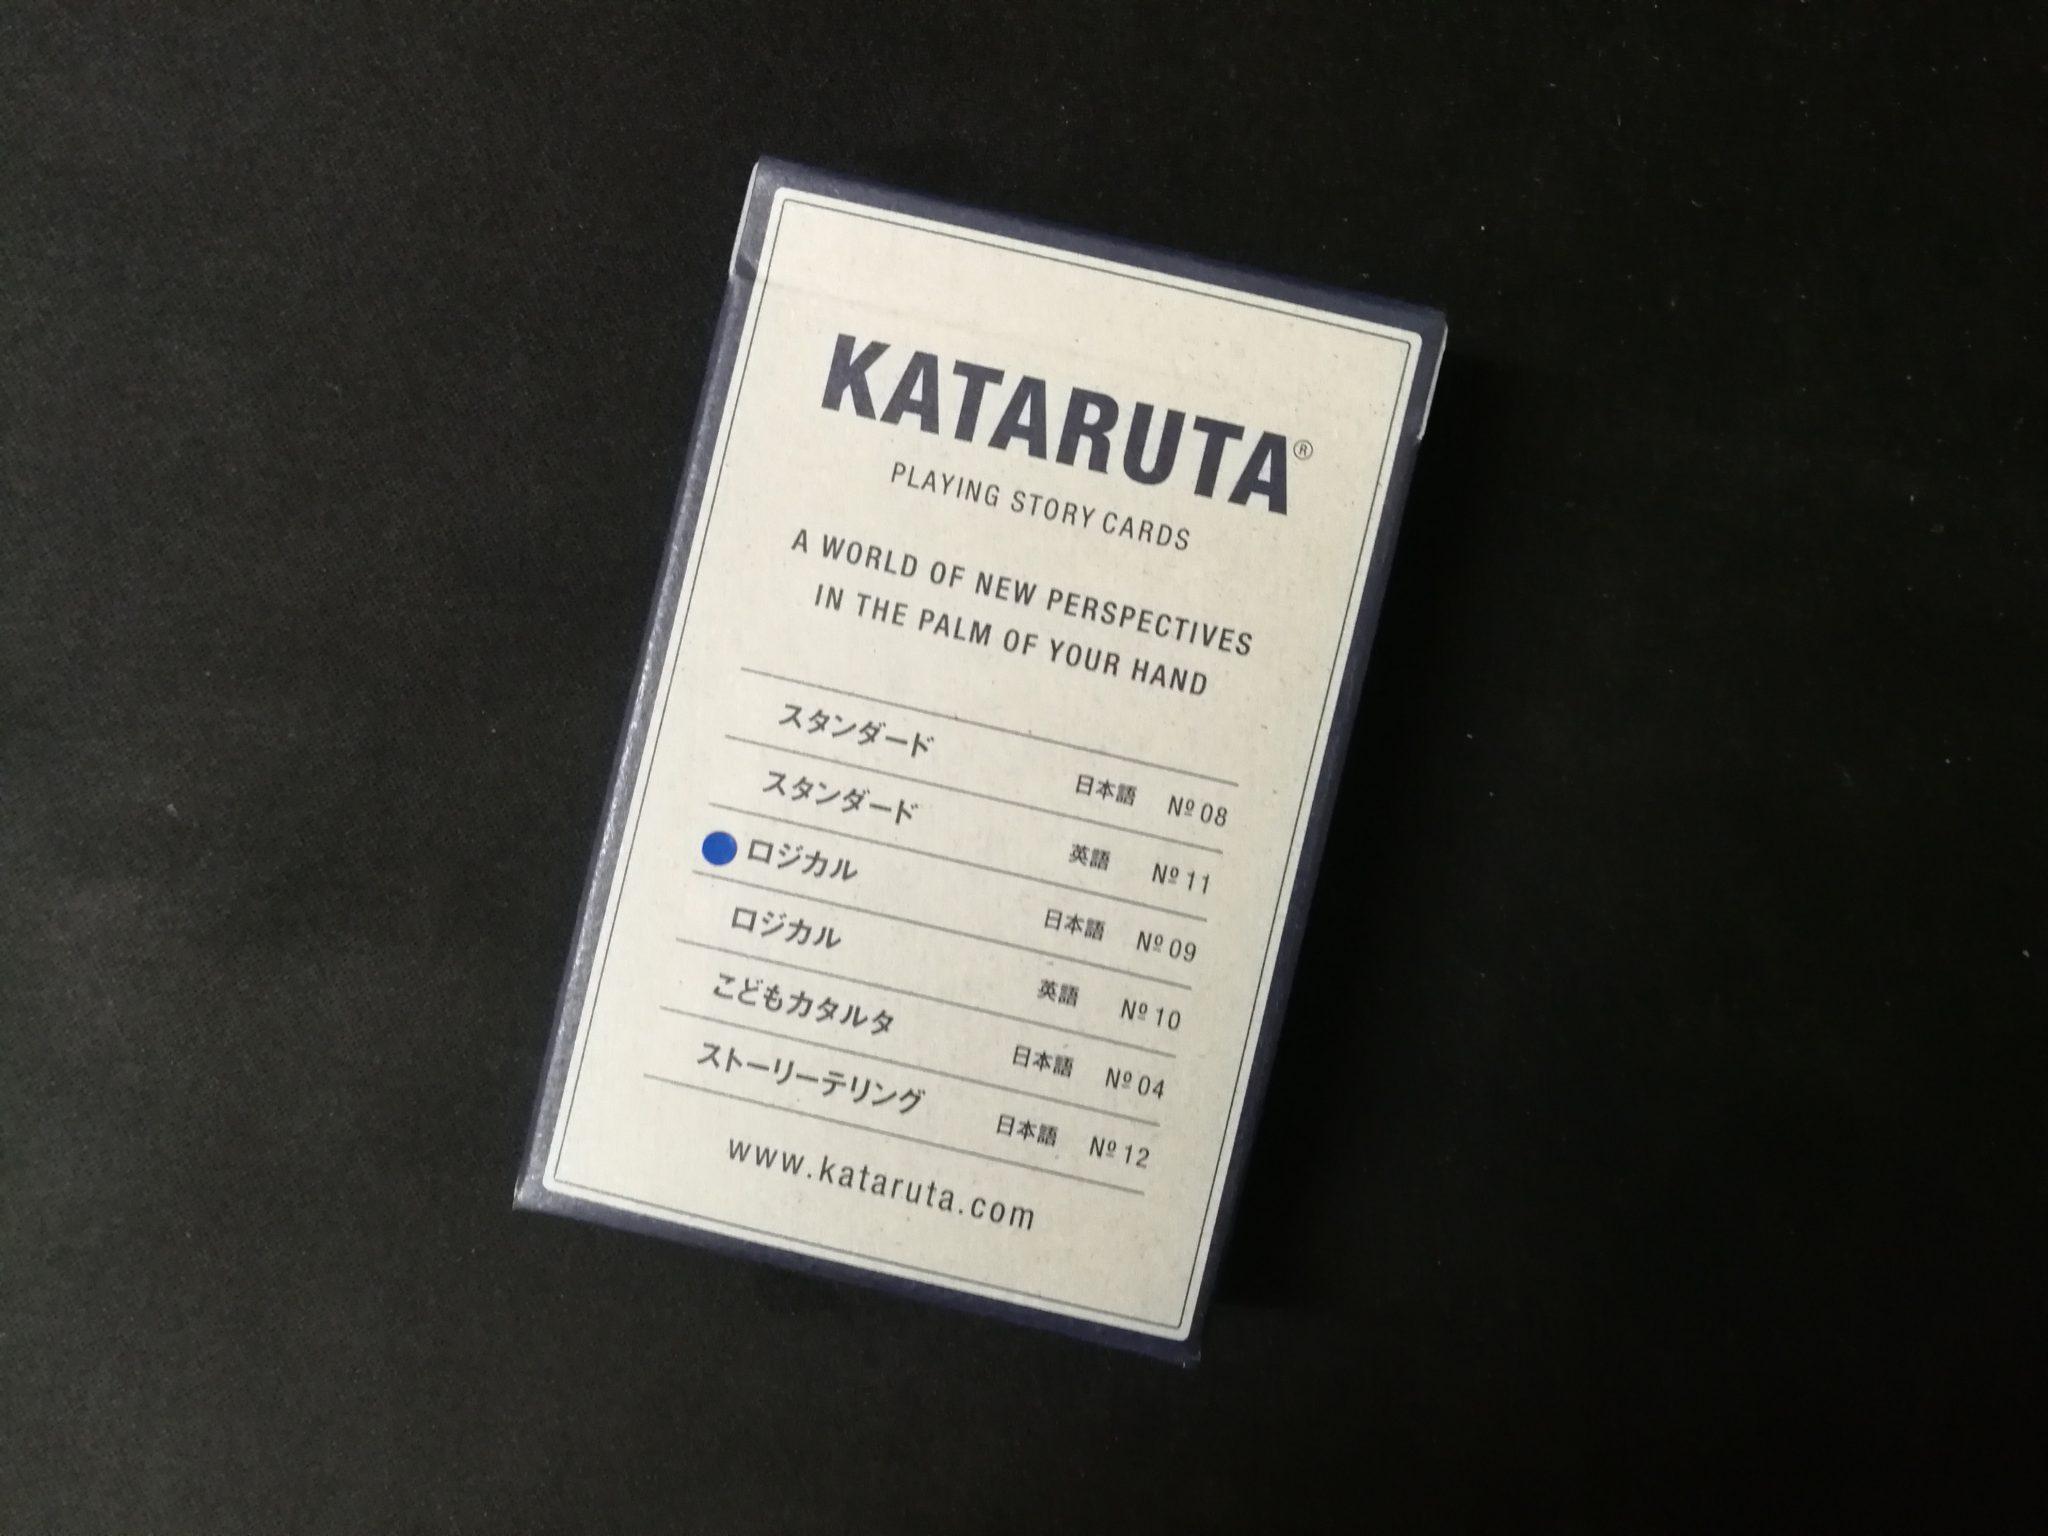 学際交流に応用するため、ロジカル版カタルタを購入してみました!